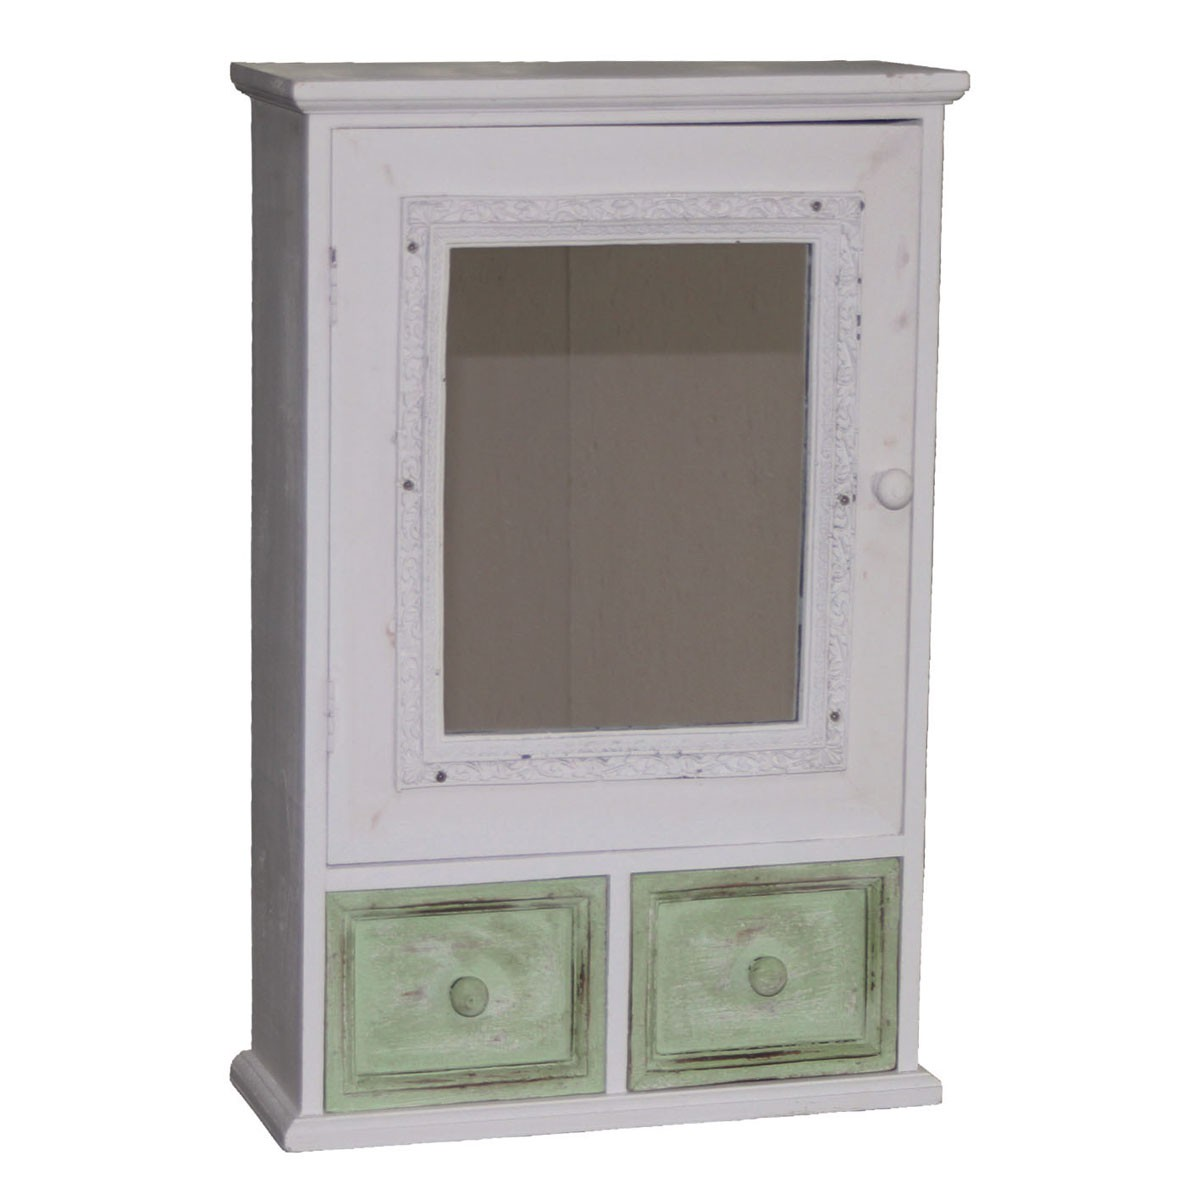 wohnzimmerlampen holz:Holz-Hängeschrank, 2 Schubladen, 1 Tür mit Spiegel, Deko, 34x14x60